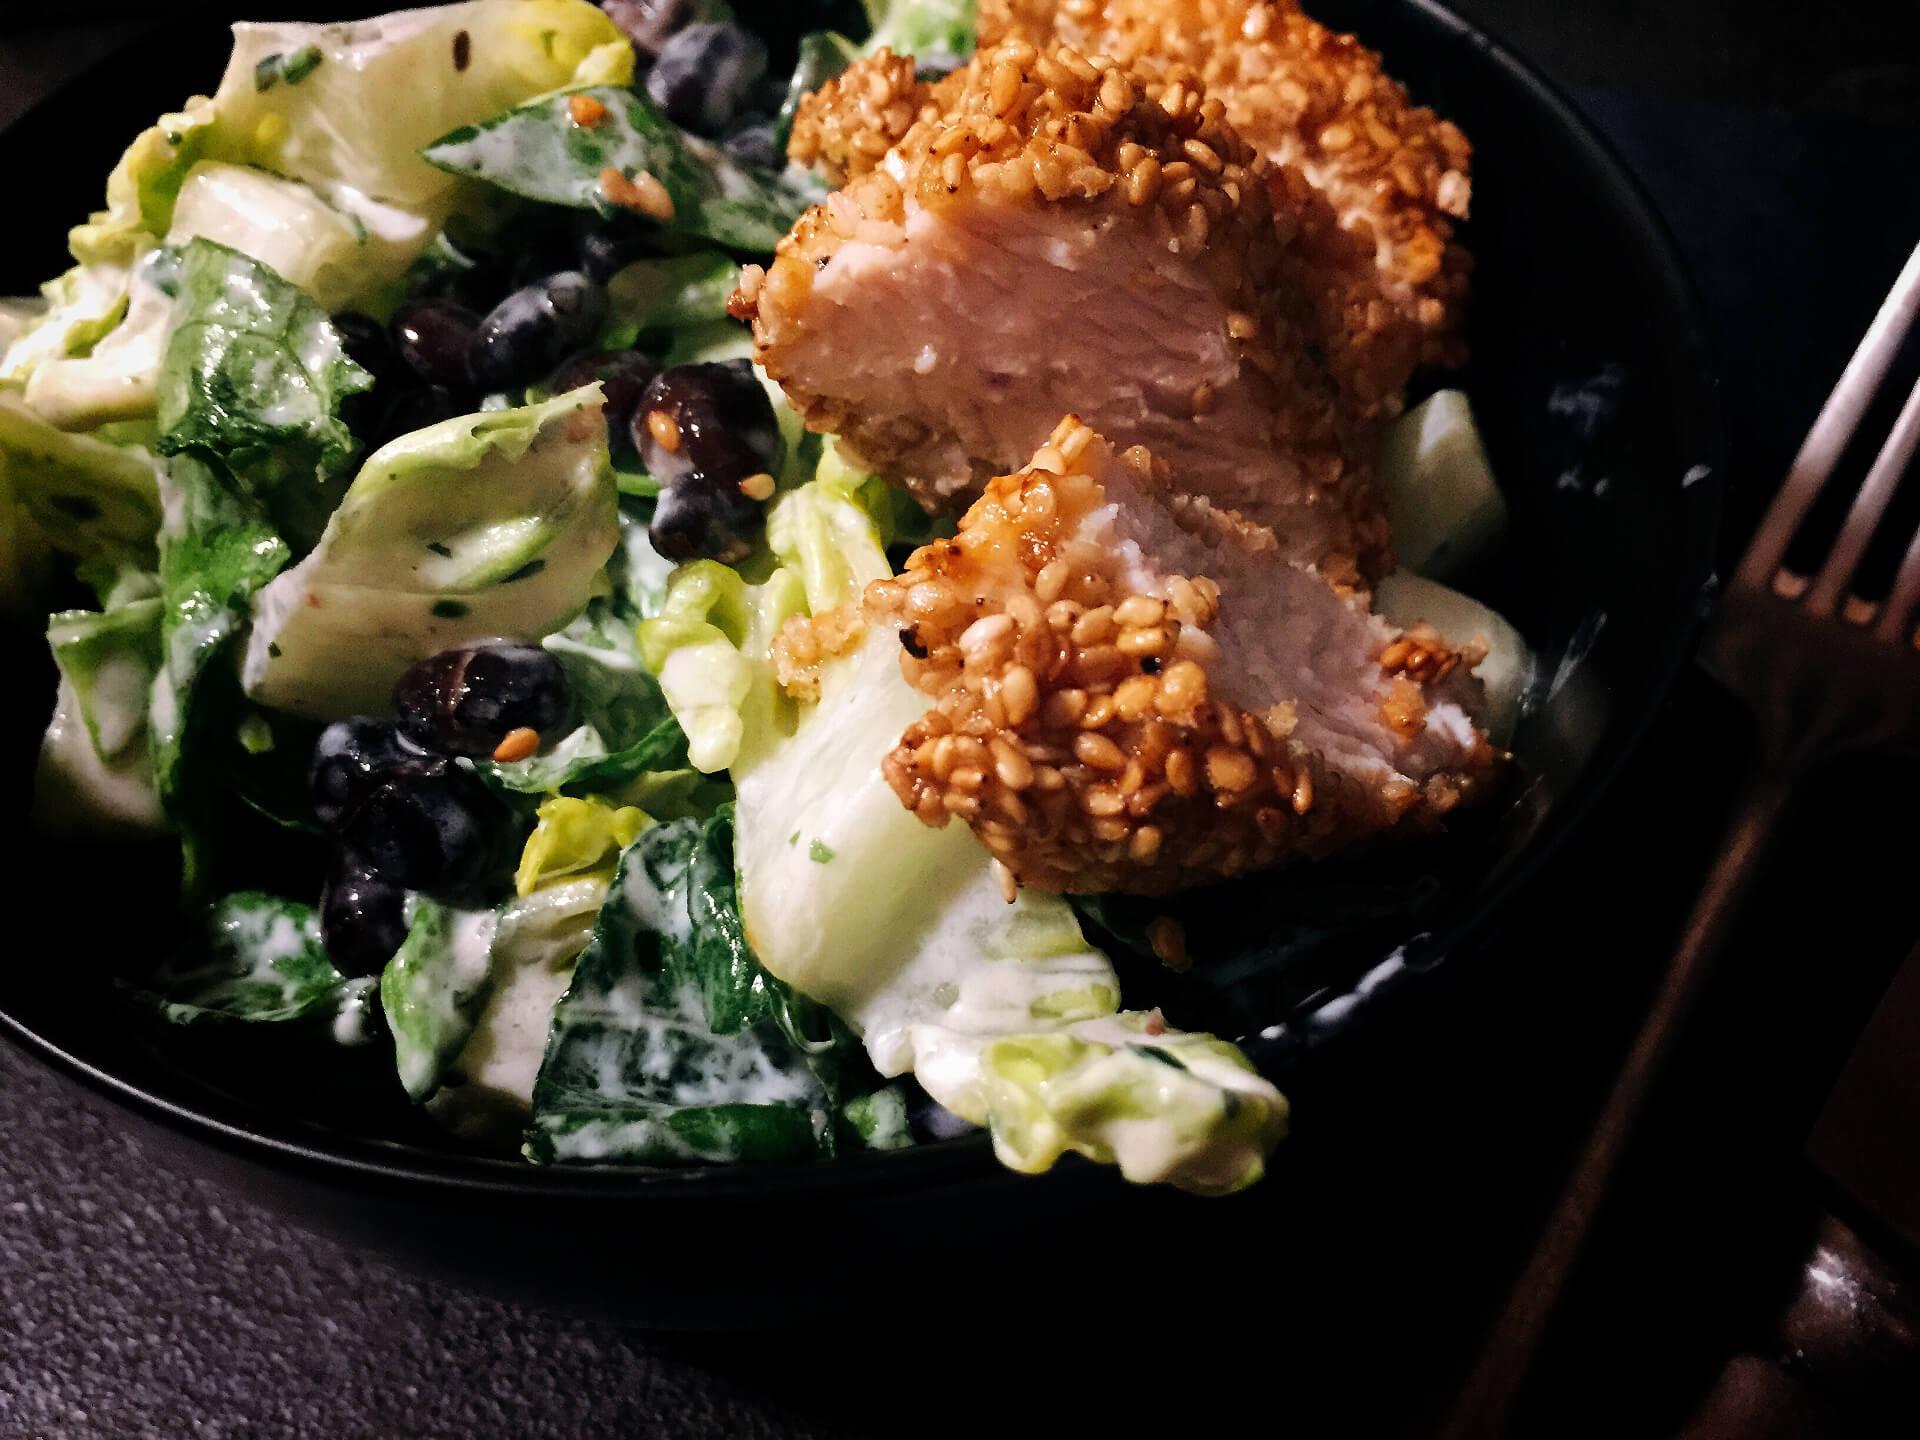 Tolle Fauzia Küche Spaß Huhn Pasta Bilder - Ideen Für Die Küche ...